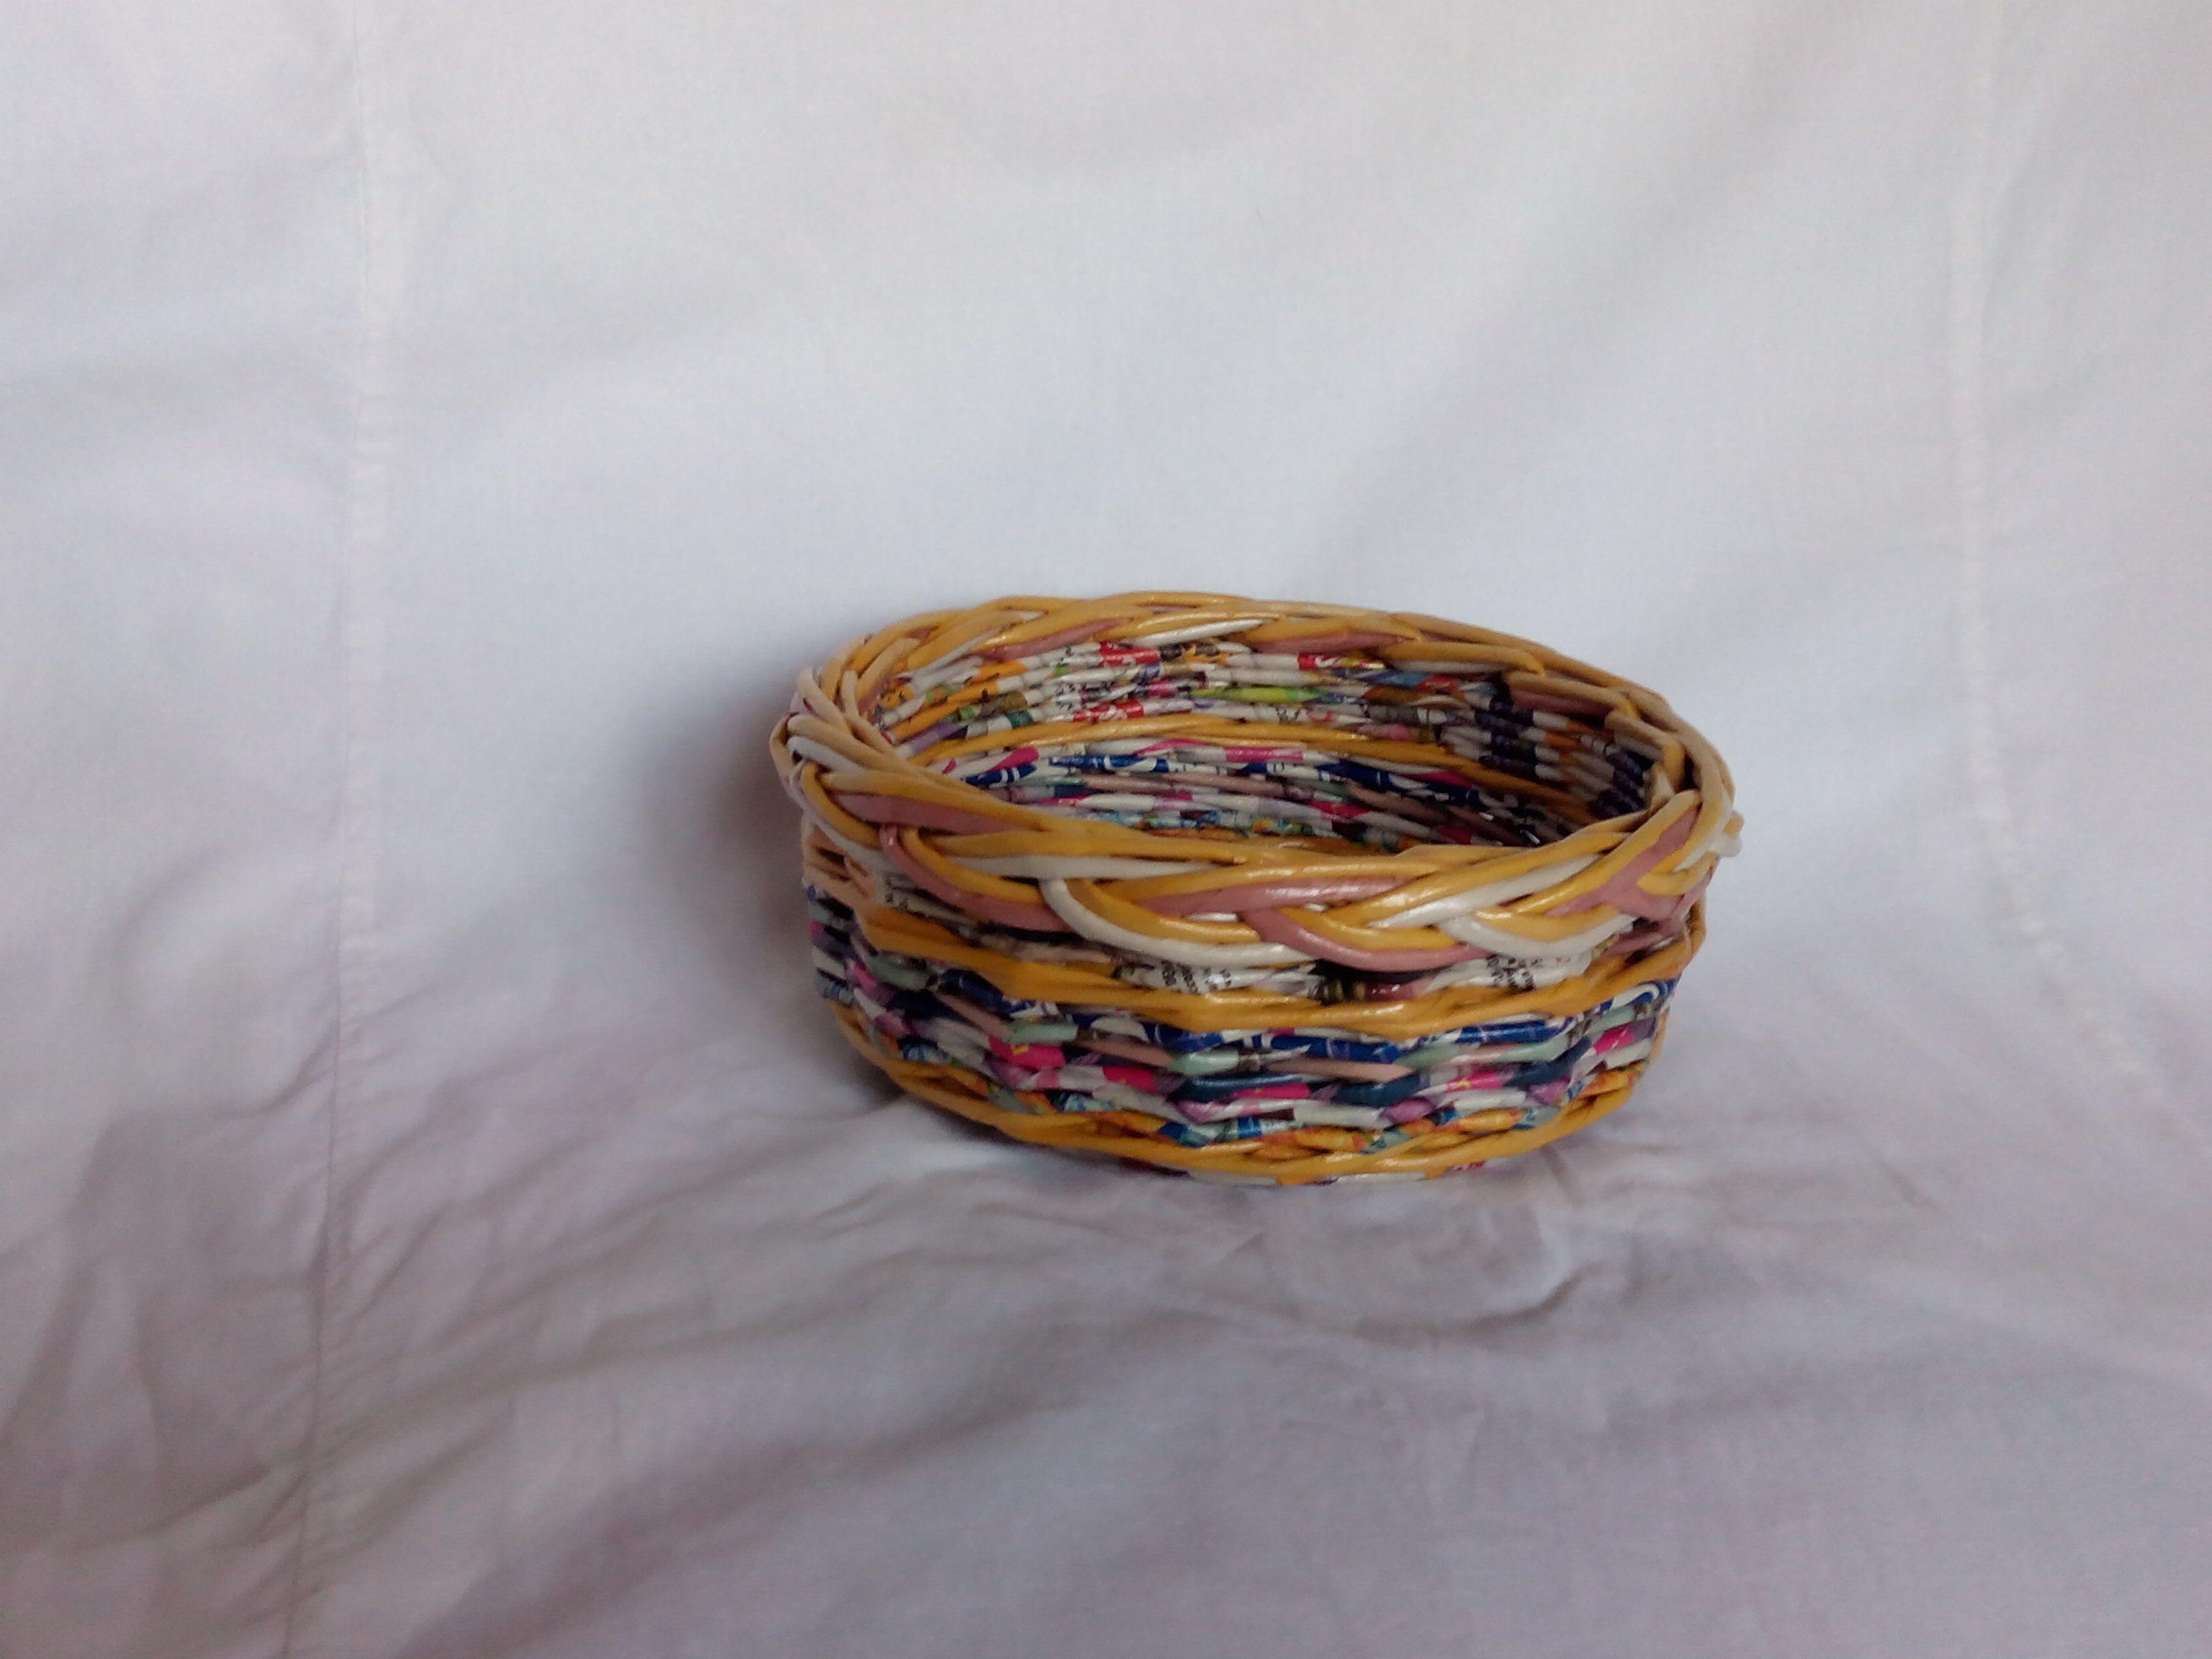 лоза тарелки газетных посуда трубочек блюда утварь газетная и дома подарки изделия декоративная для оригинальные кухня интерьер из бумажные кухонная плетеные